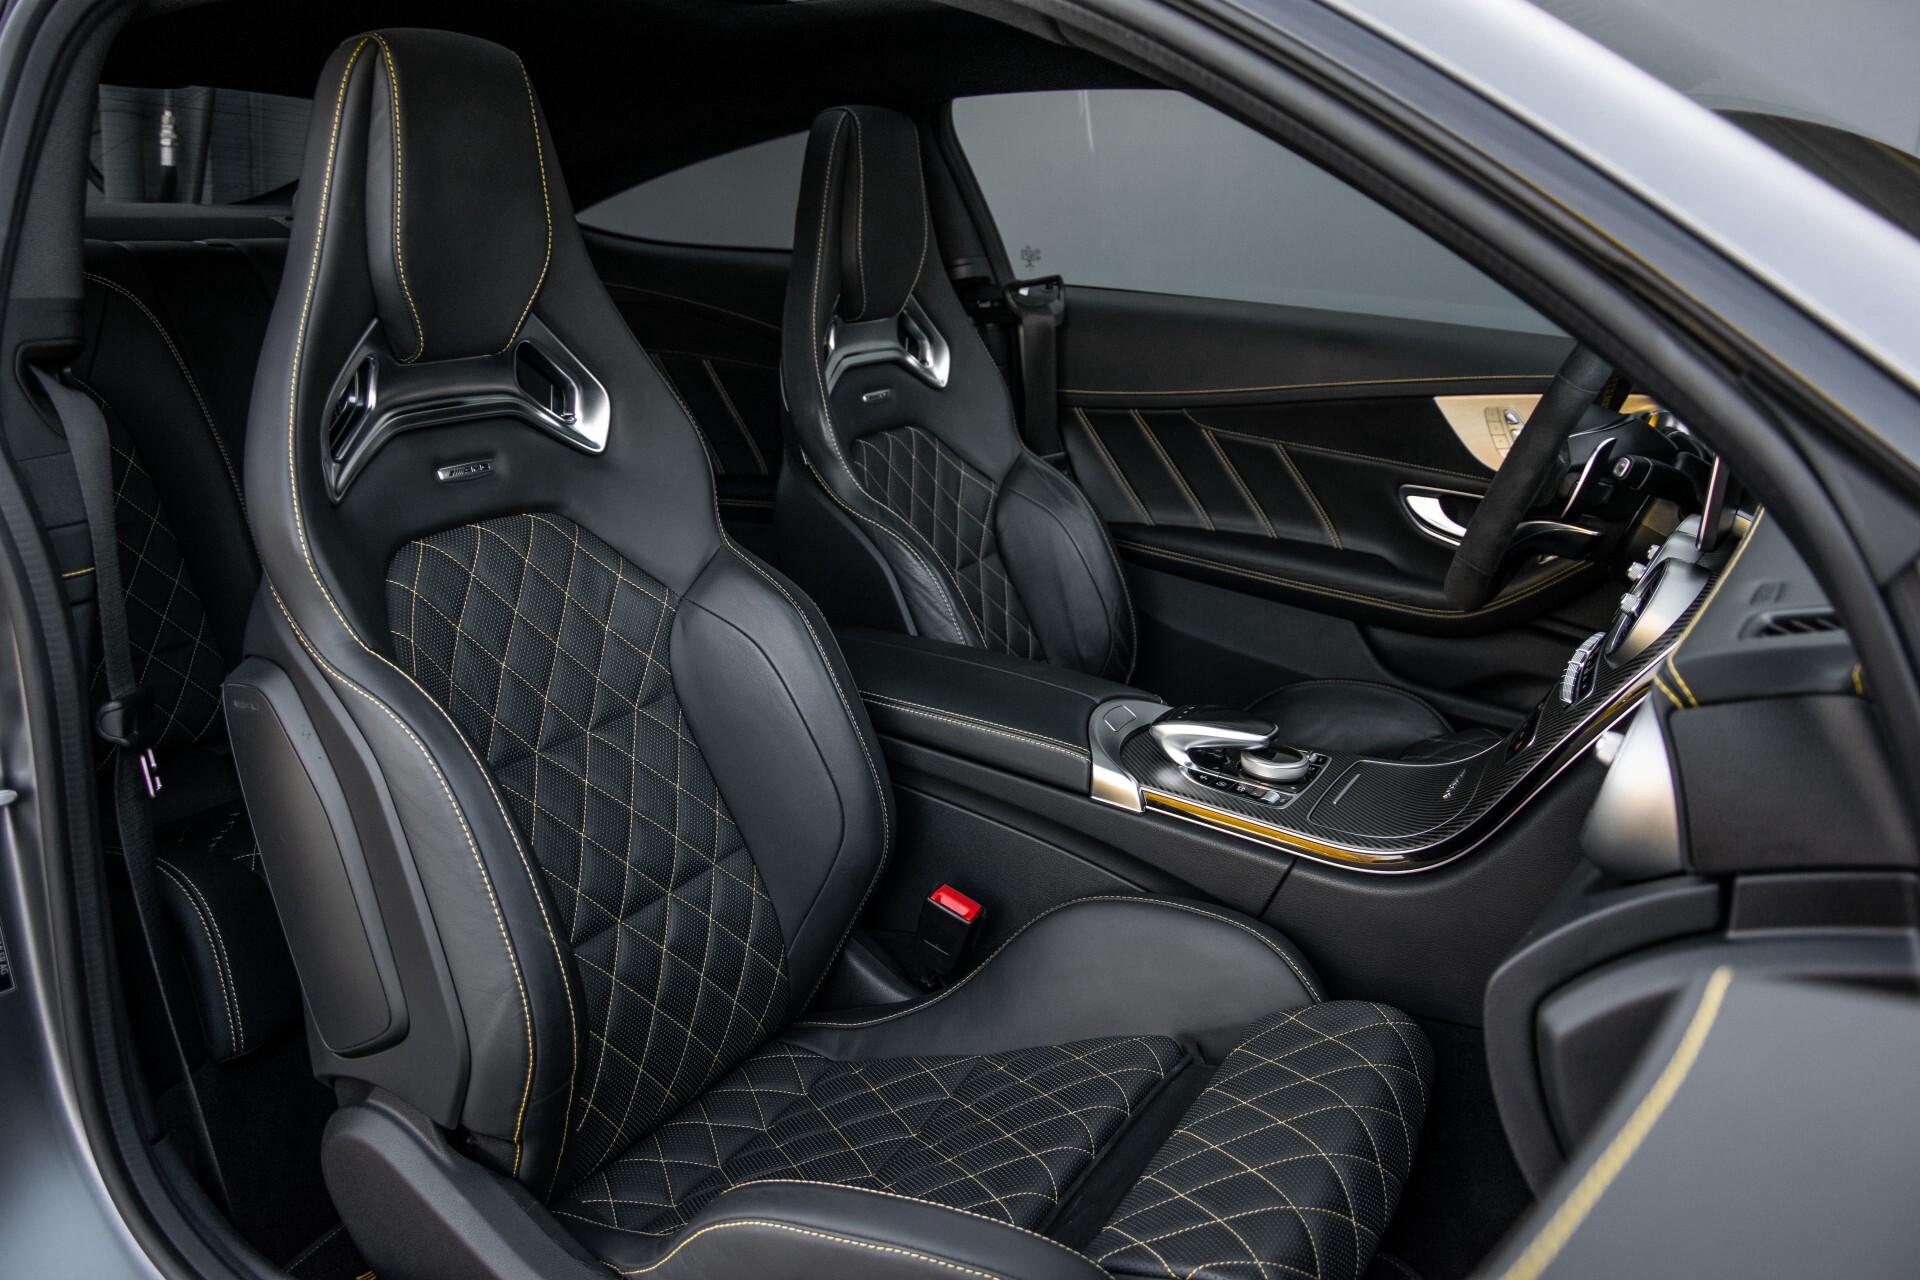 Mercedes-Benz C-Klasse Coupé 63 S AMG EDITION 1 Panorama Aut7 Foto 3